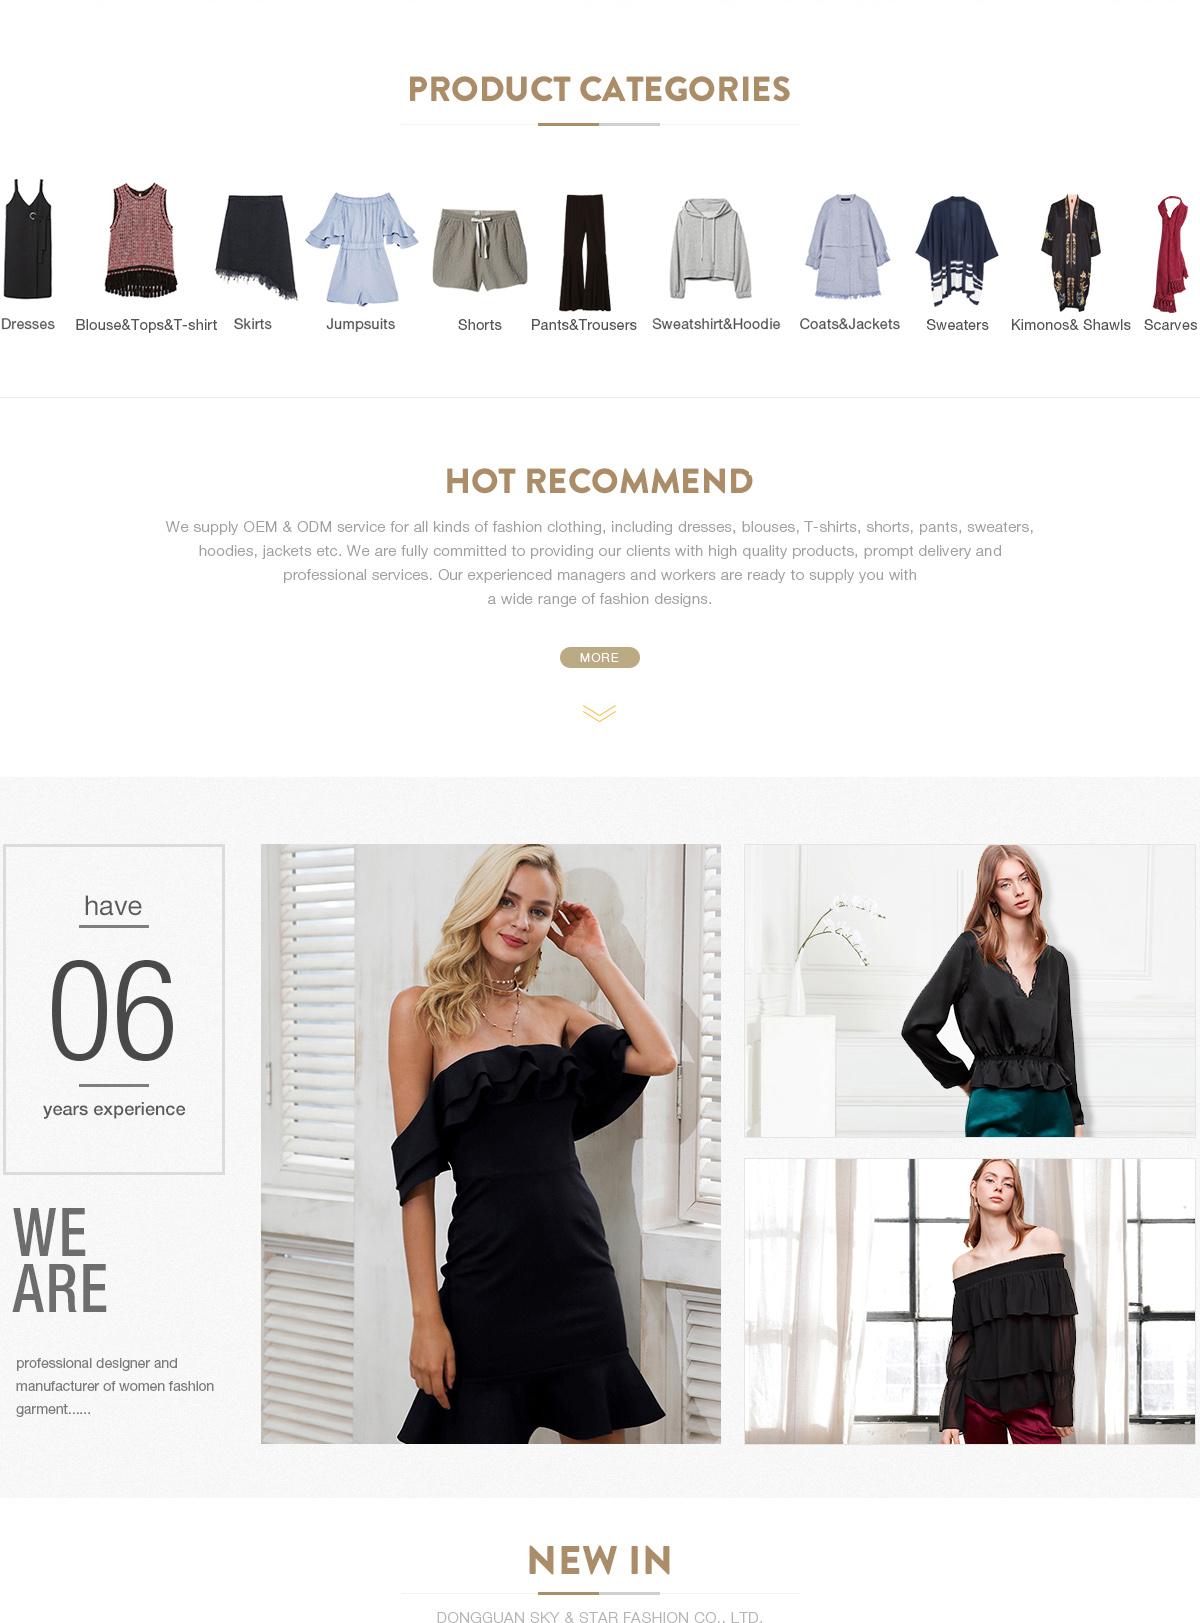 76a851aeac771 Dongguan Sky & Star Fashion Co., Ltd. - Ladies Casual Dress, Ladies ...